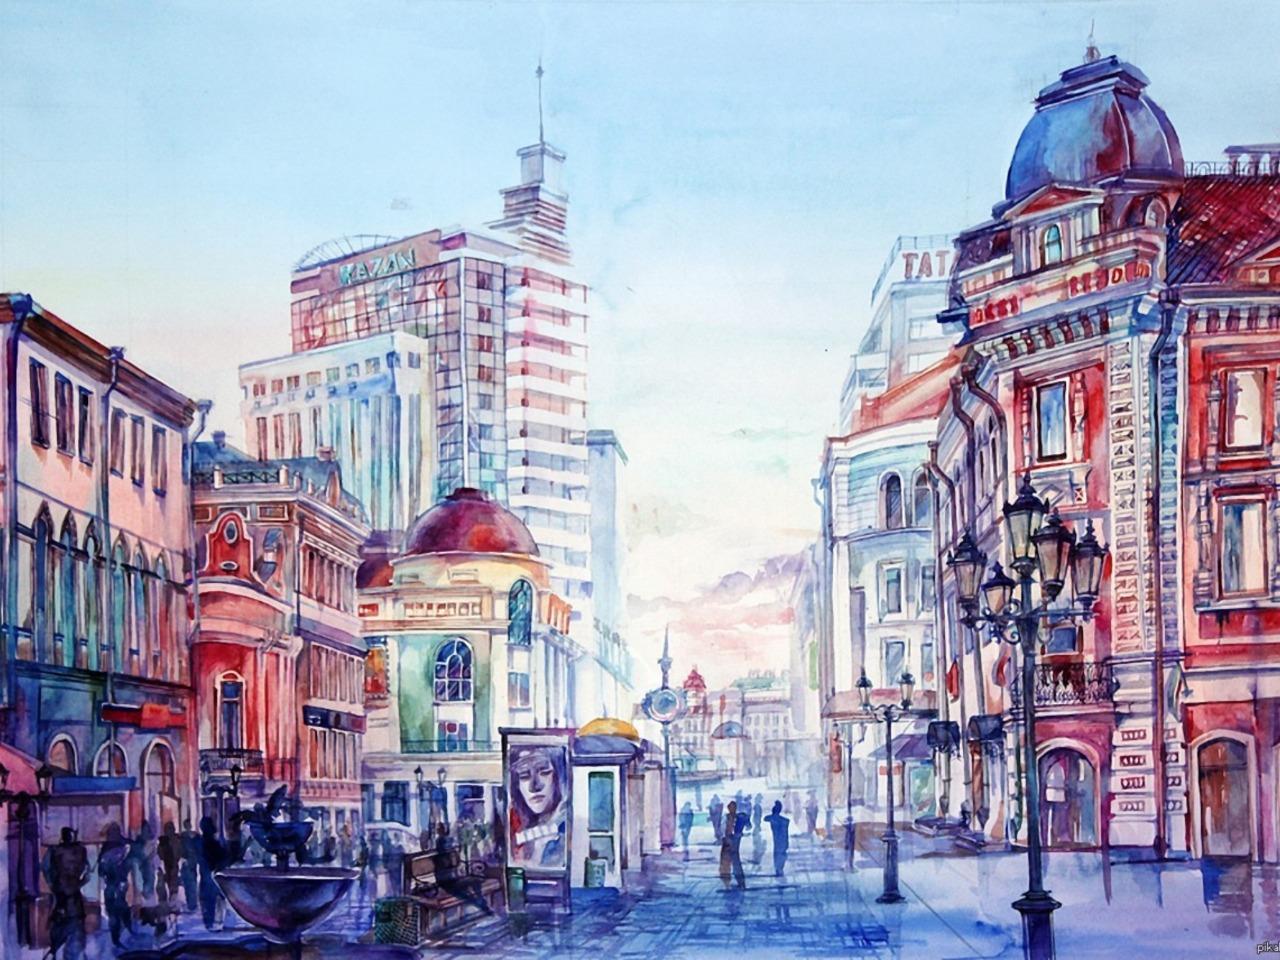 Пешеходная по Казани - индивидуальная экскурсия в Казани от опытного гида